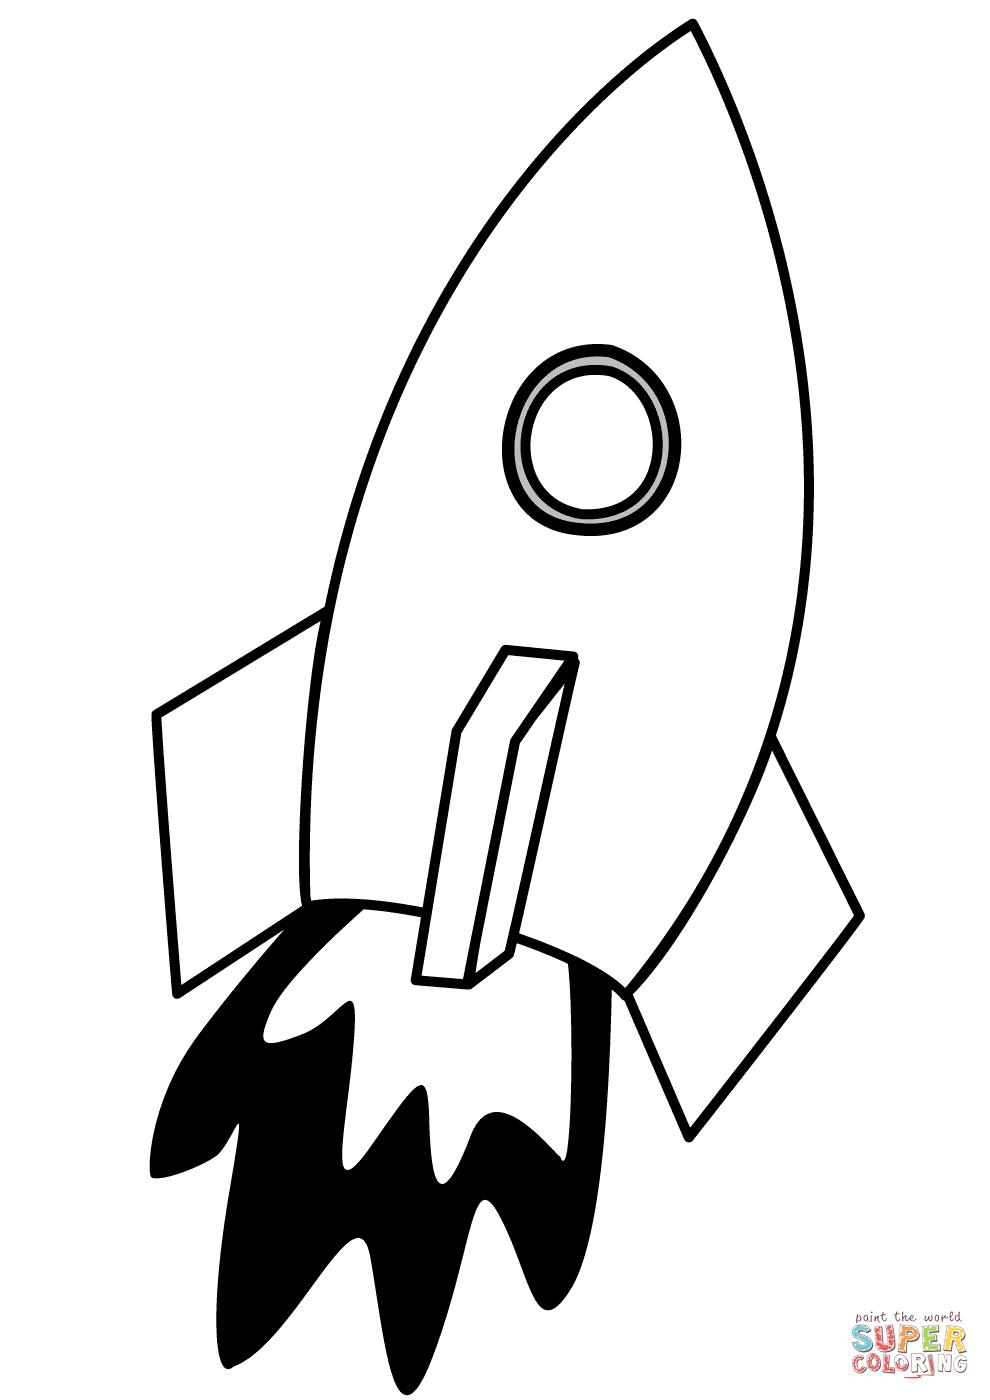 Ausmalbild: Rakete | Ausmalbilder Kostenlos Zum Ausdrucken verwandt mit Vorlage Rakete Malen